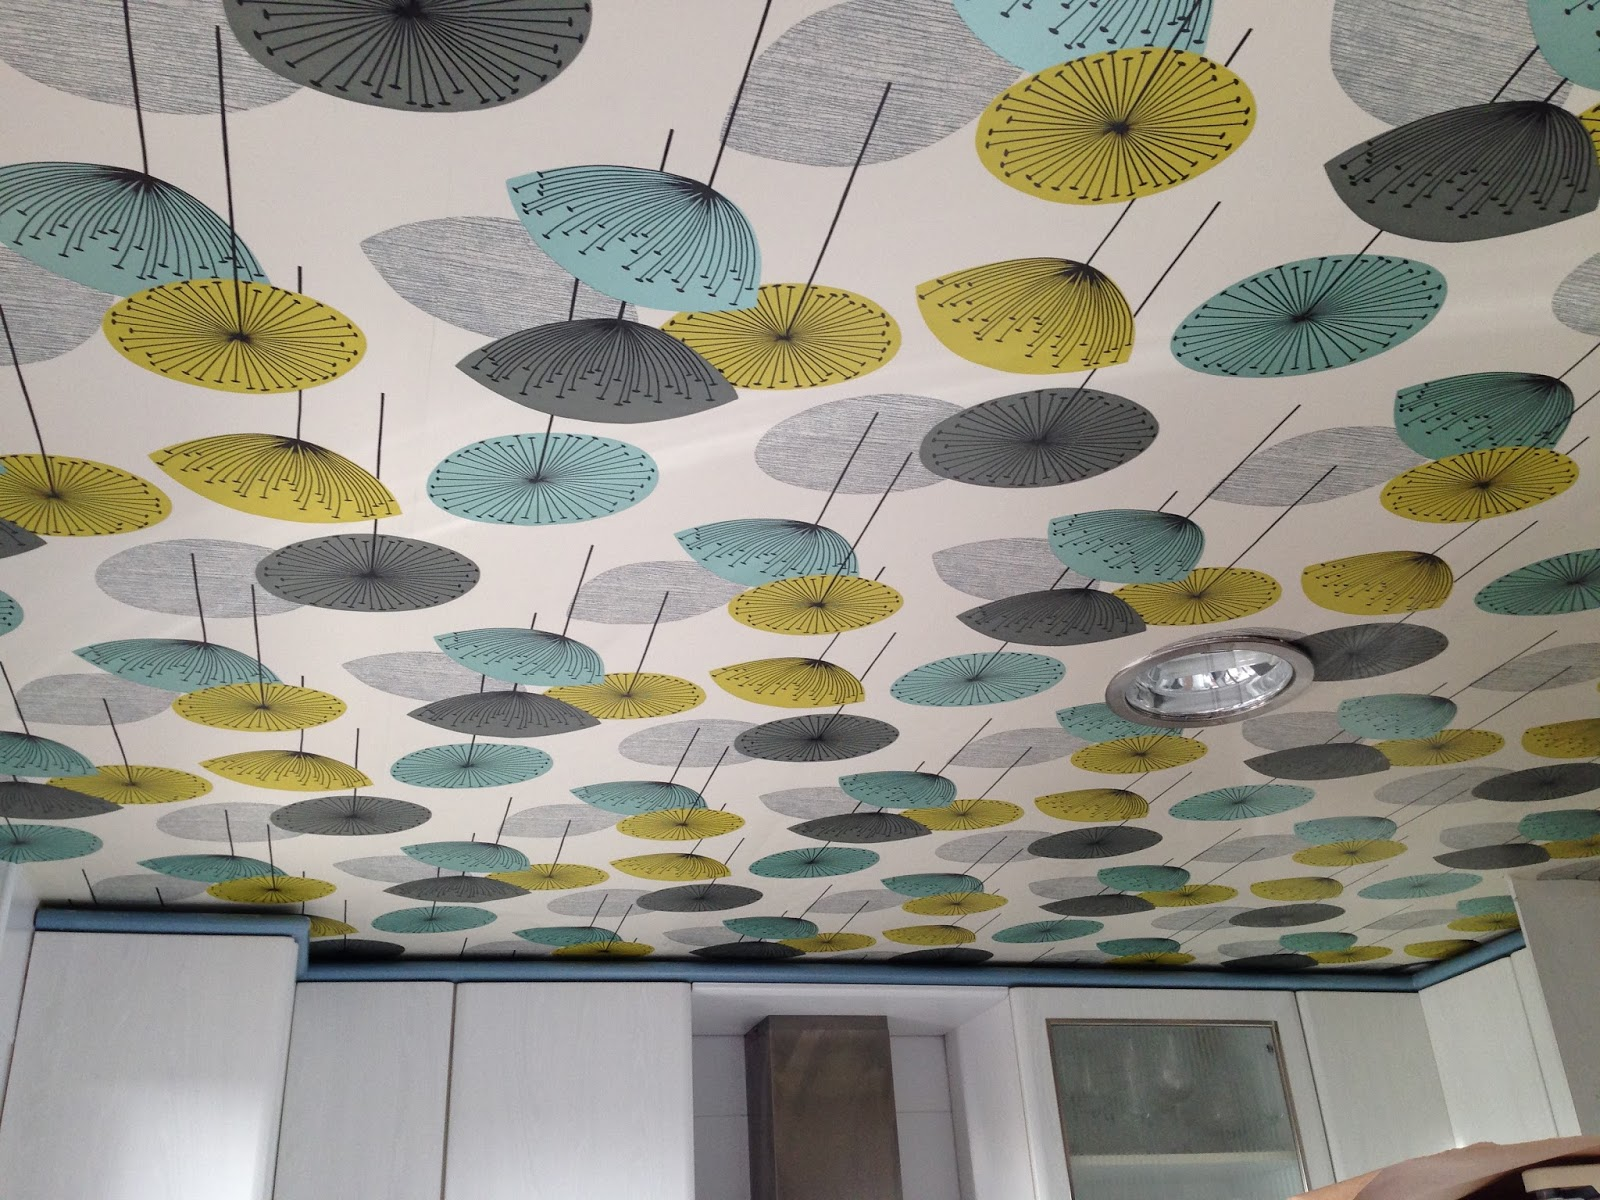 Como pintar techos y paredes latest como pintar techos y paredes with como pintar techos y - Como pintar paredes y techos ...